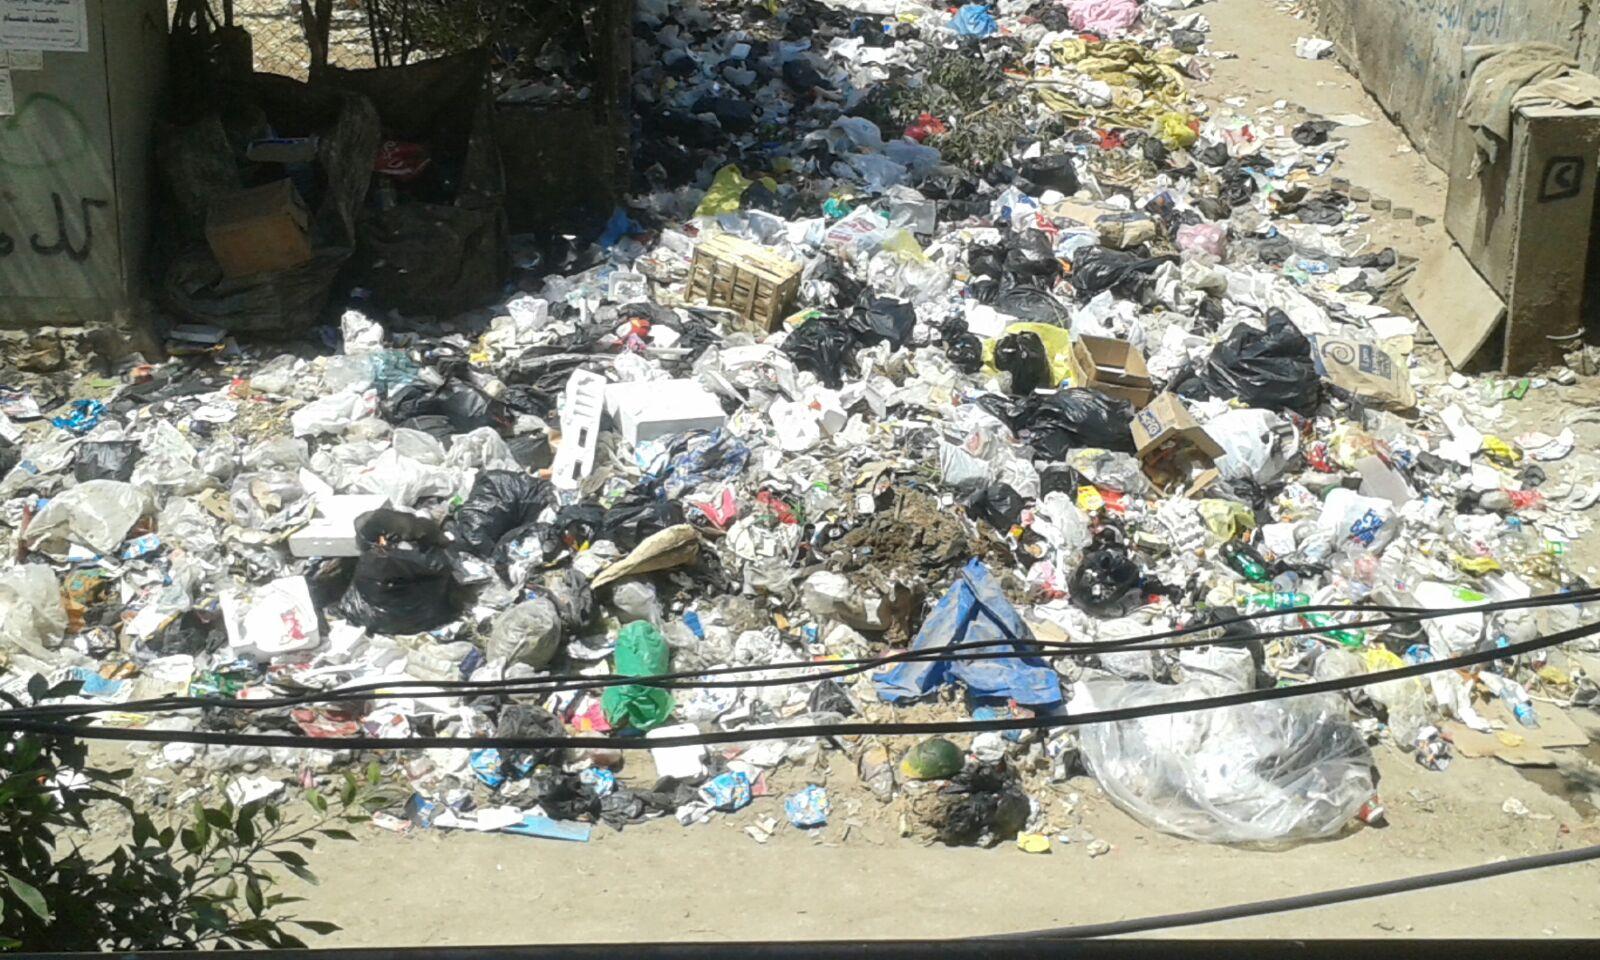 بالصور.. انتشار القمامة في ممر كوبري رئيسي بكوتسيكا في طرة البلد